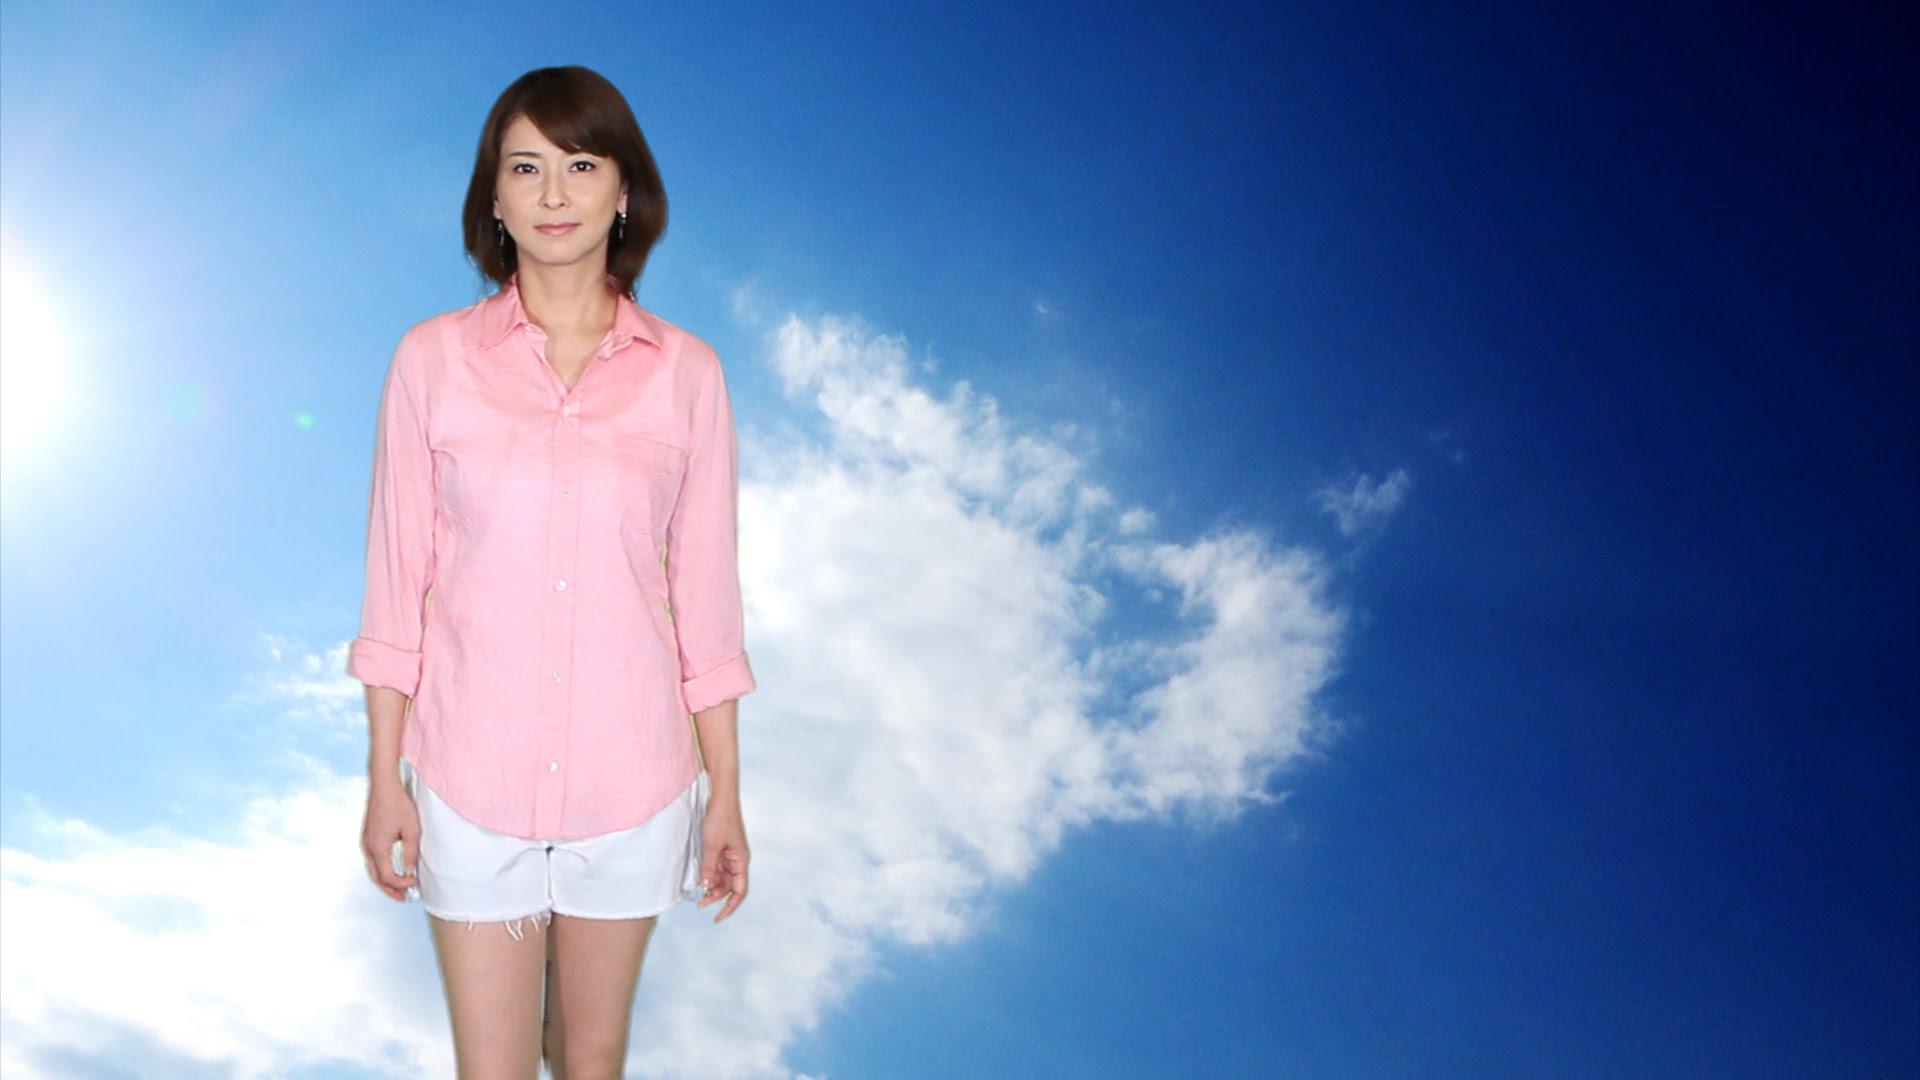 ピンクのシャツが青空に映えてさわやかな森高千里さん